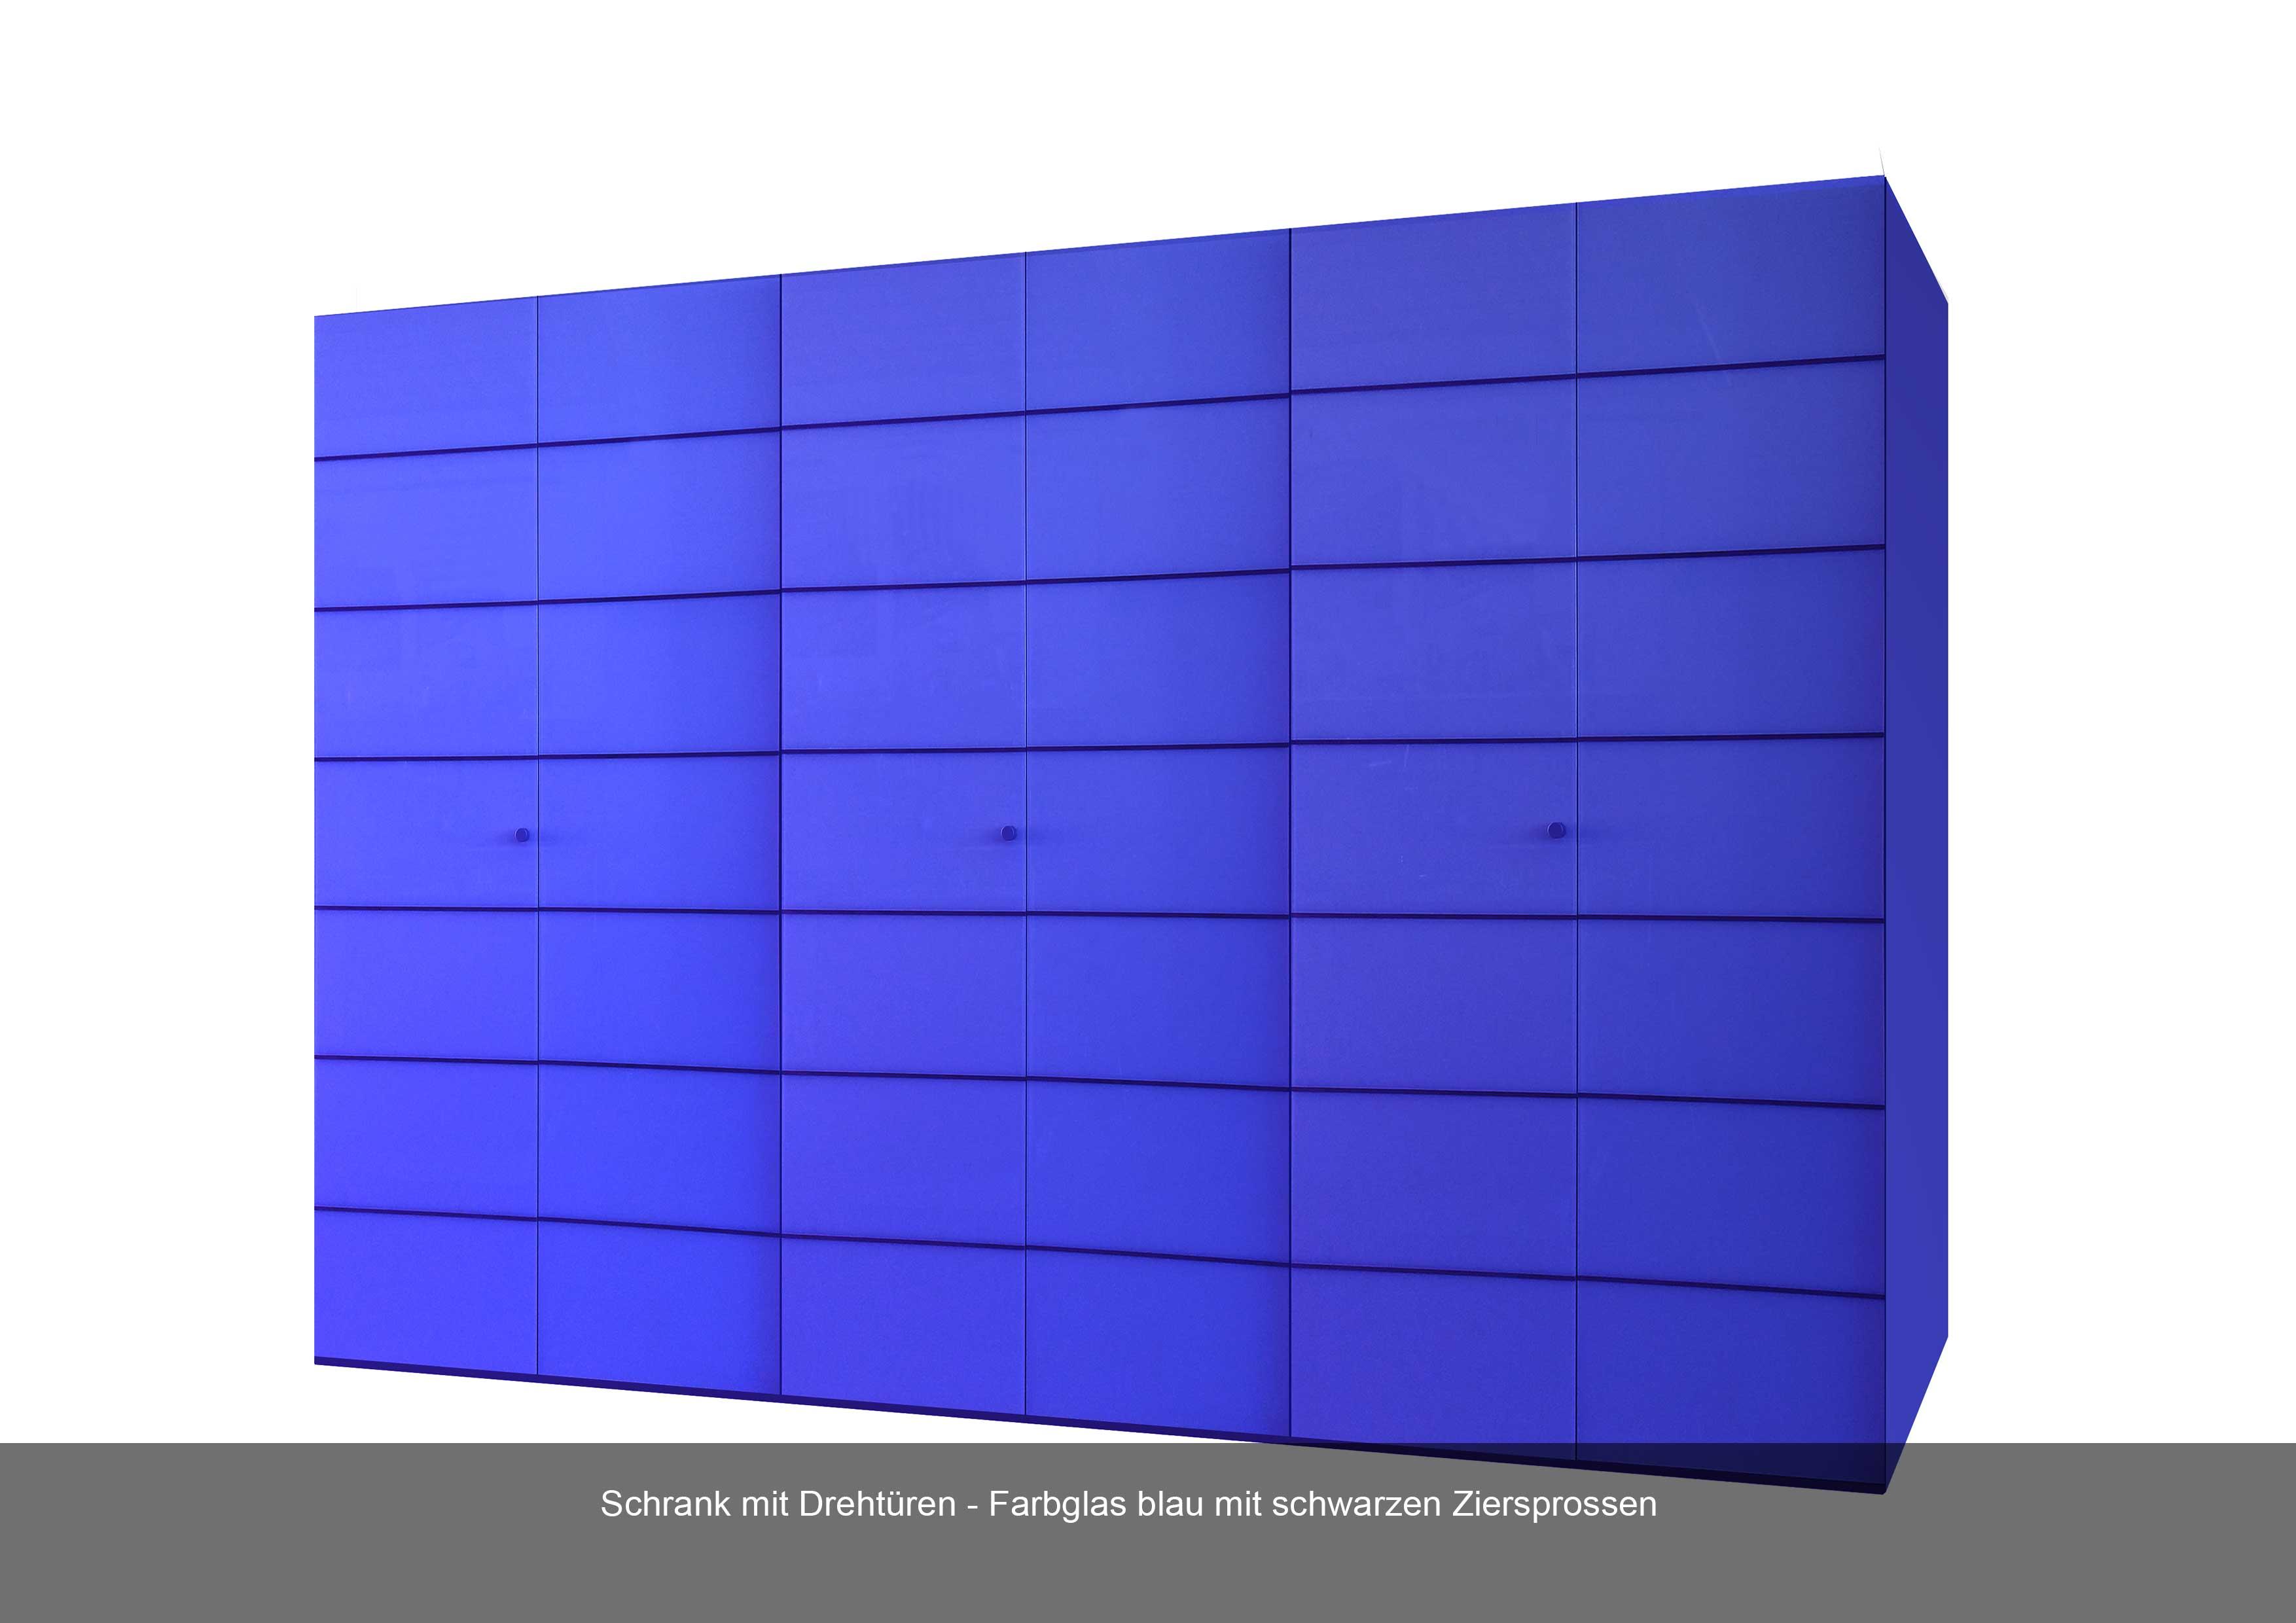 Schrank mit Drehtüren in Farbglas blau